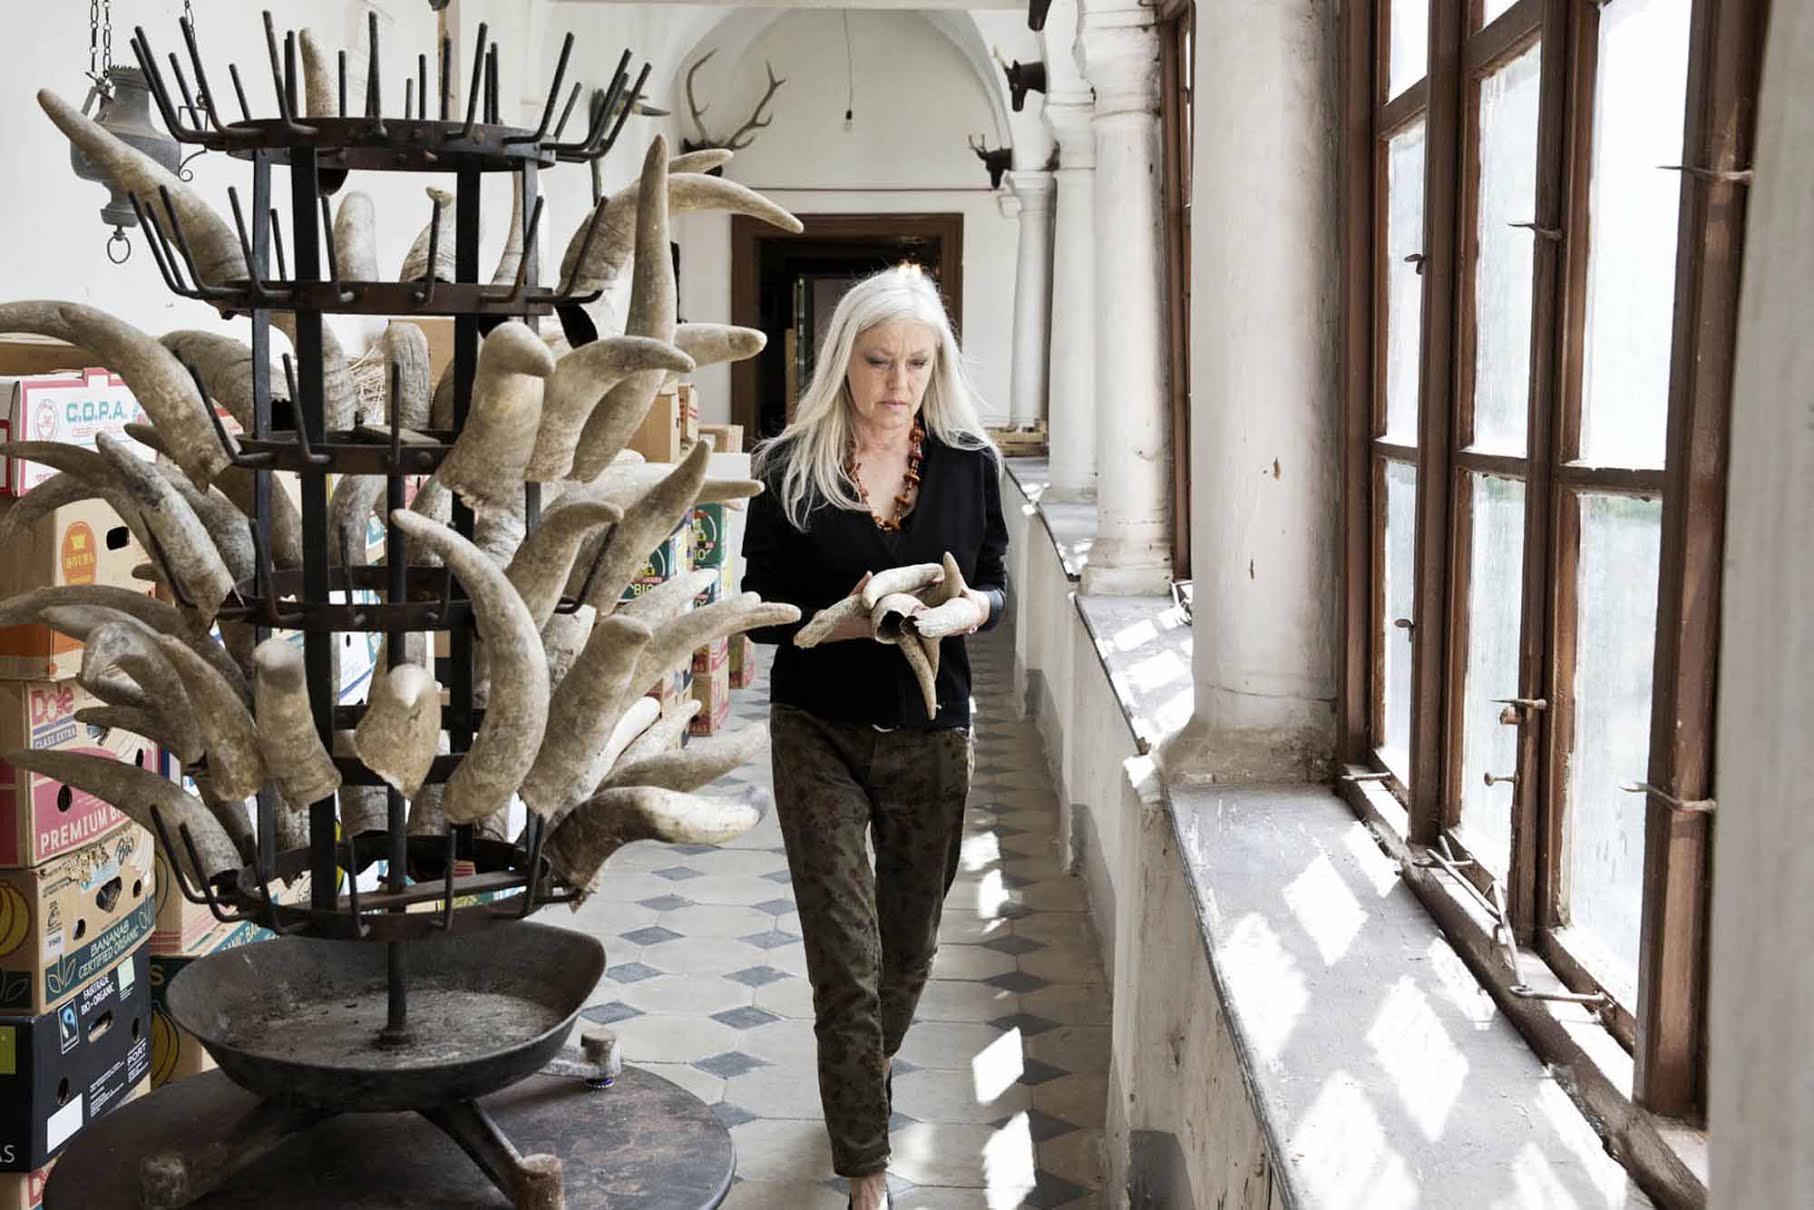 NÖ Waldviertel Galerie Kunst - Irena Rosc: Duchamp, Steiner und die Kuh